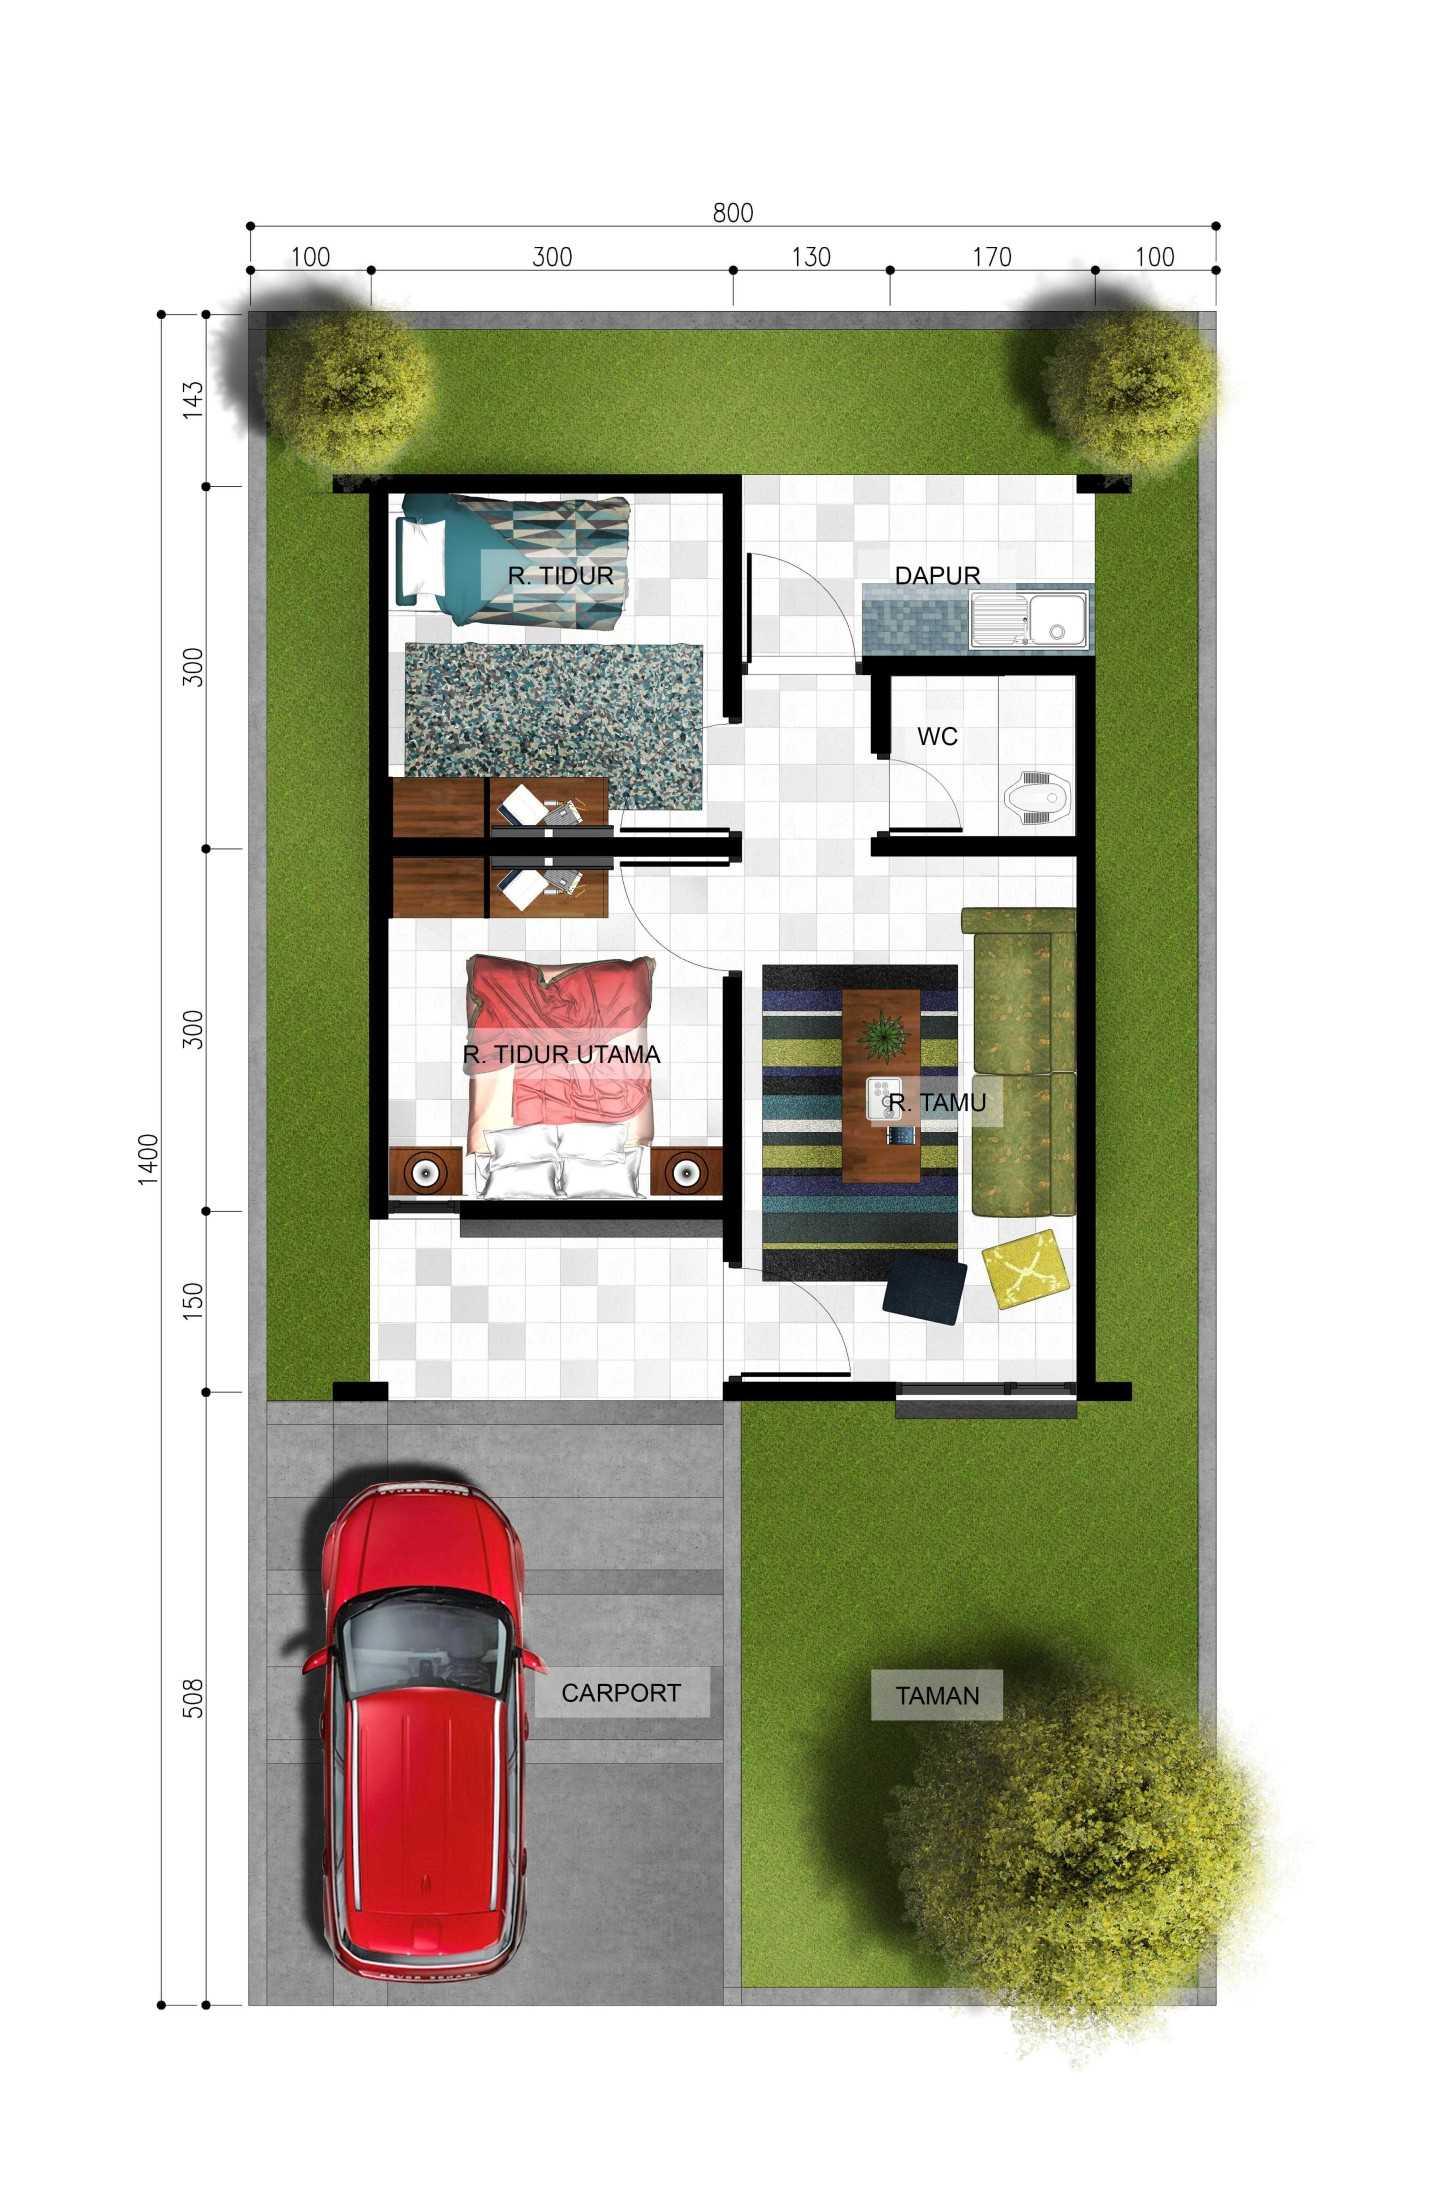 Gubah Ruang Aa Residence Kabupaten Manokwari, Papua Bar., Indonesia Kabupaten Manokwari, Papua Bar., Indonesia Denah Tipe 36 Modern 59300